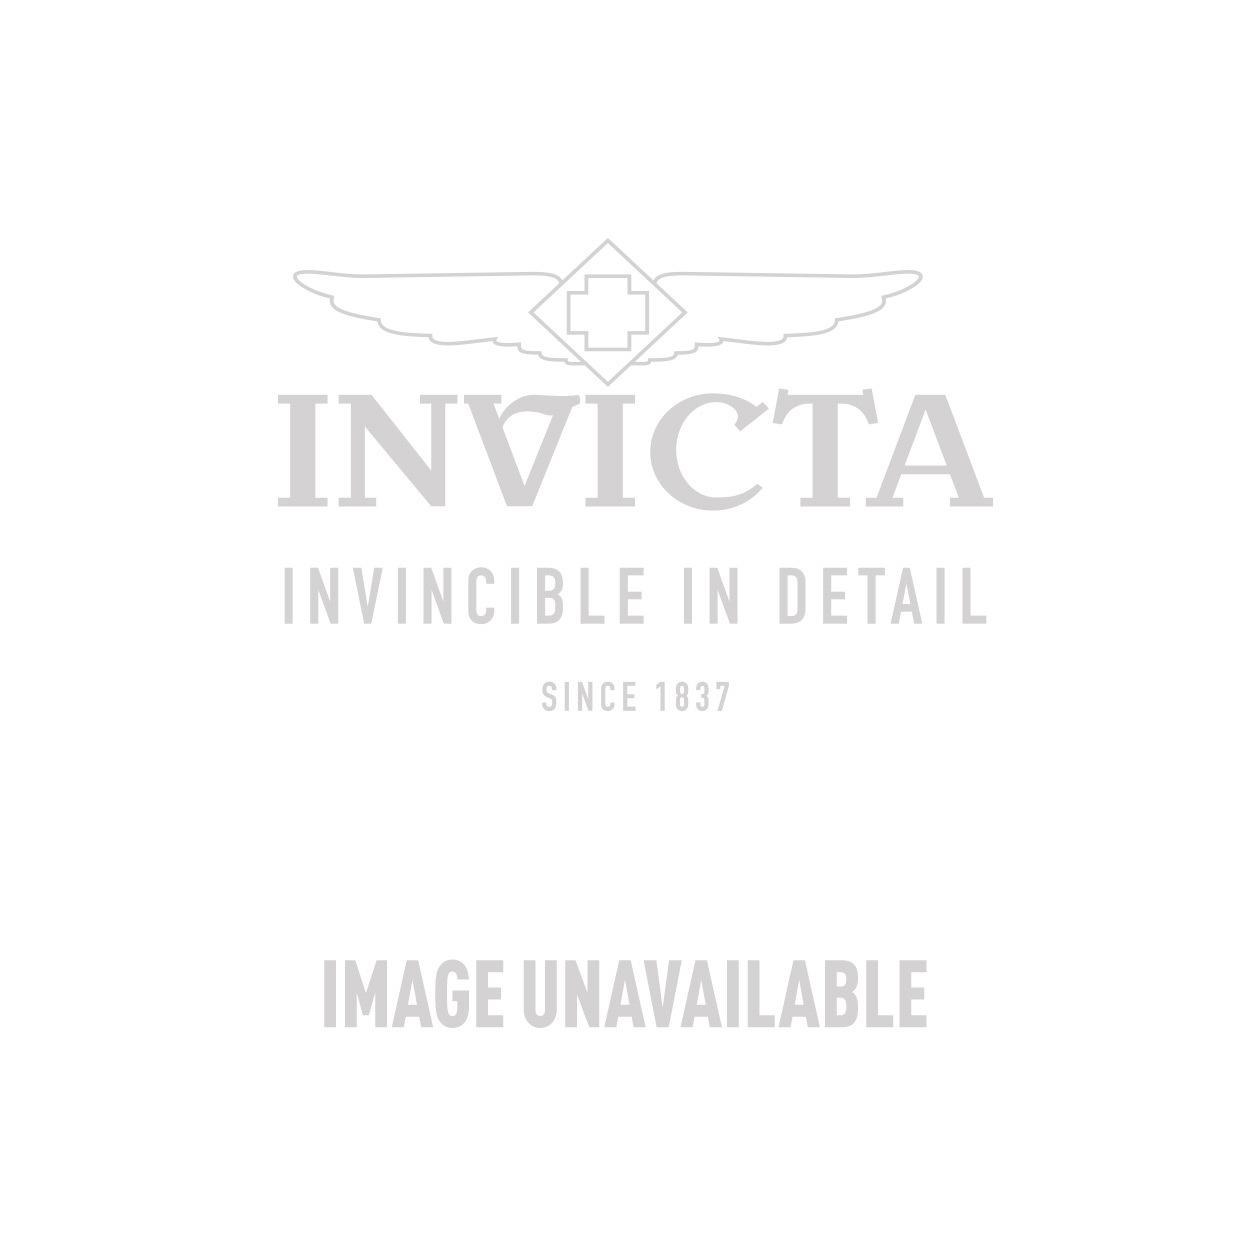 Invicta Model 28972